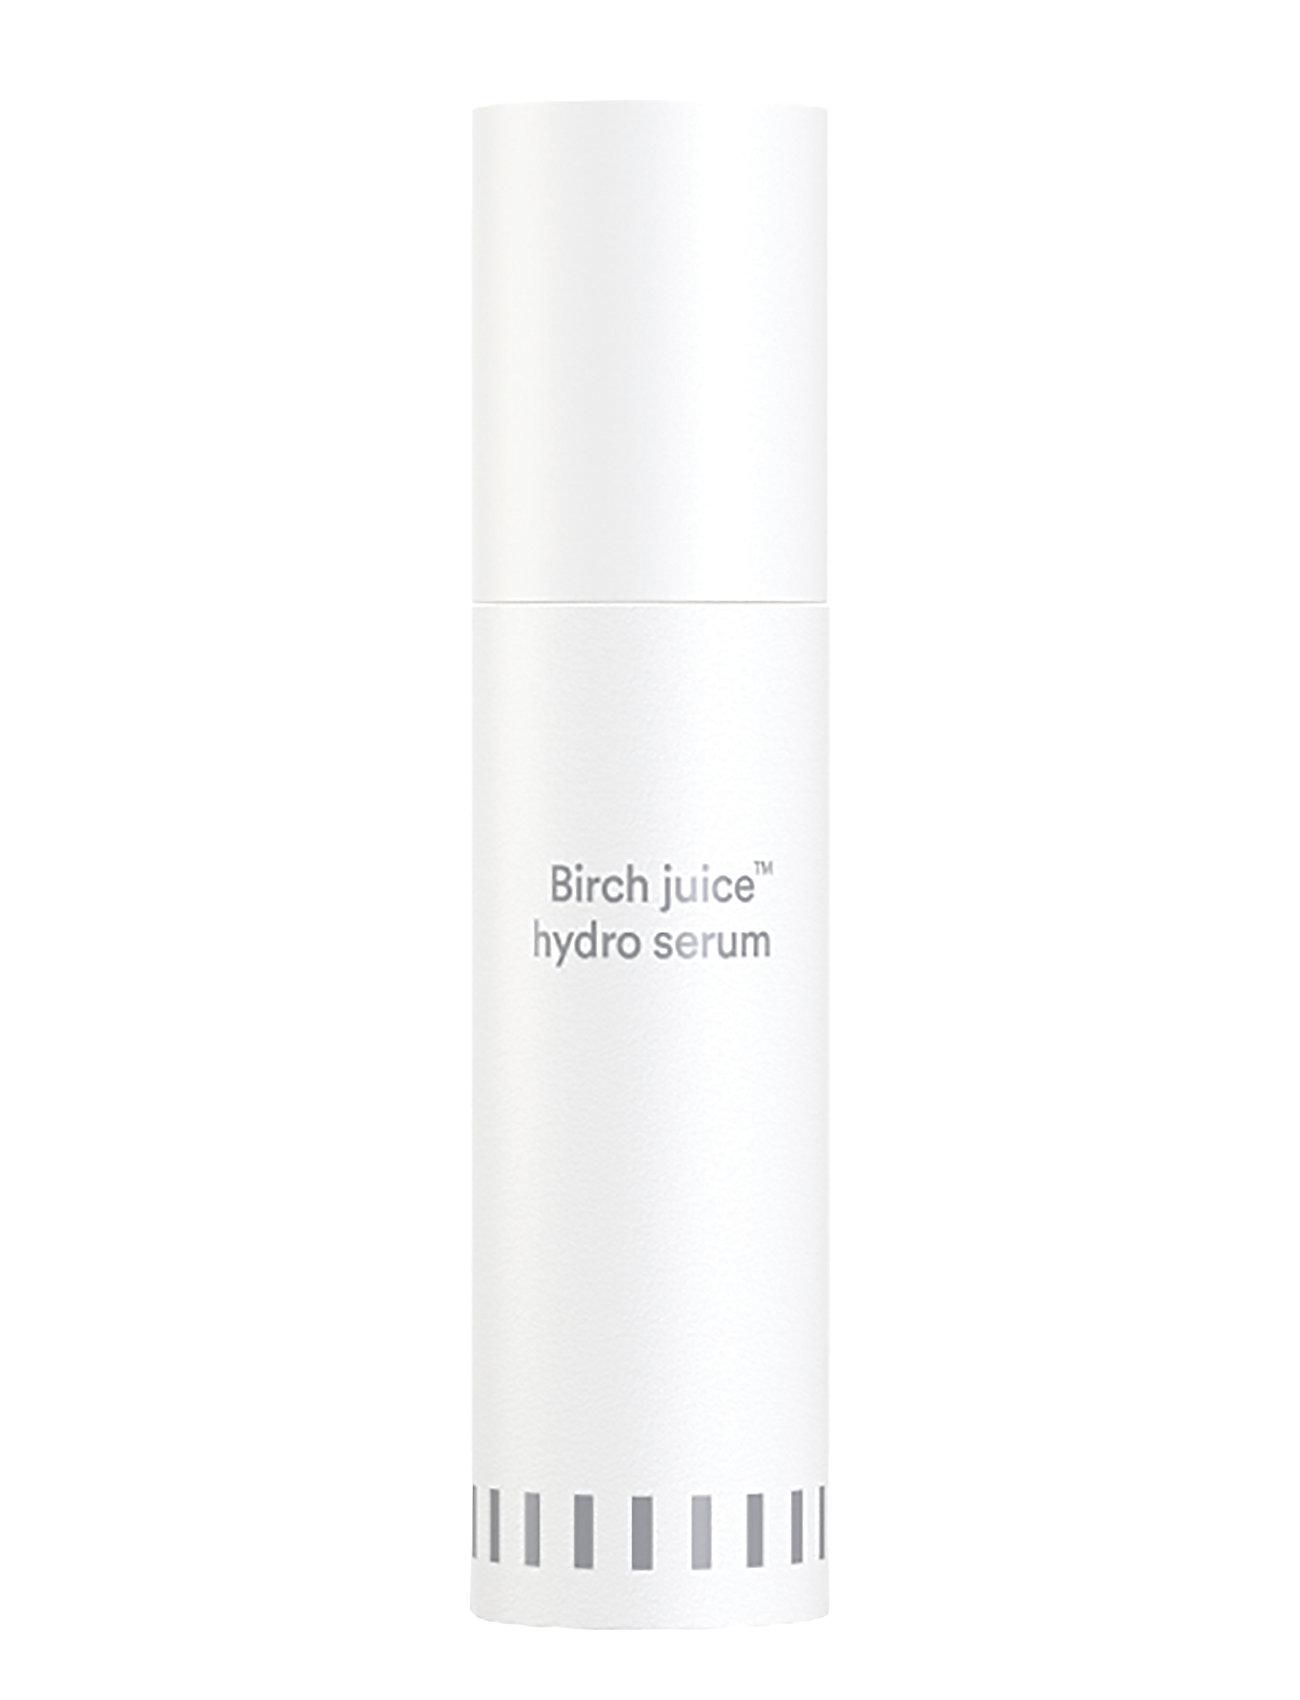 E NATURE E NATURE Birch juice™ hydro  Serum - CLEAR